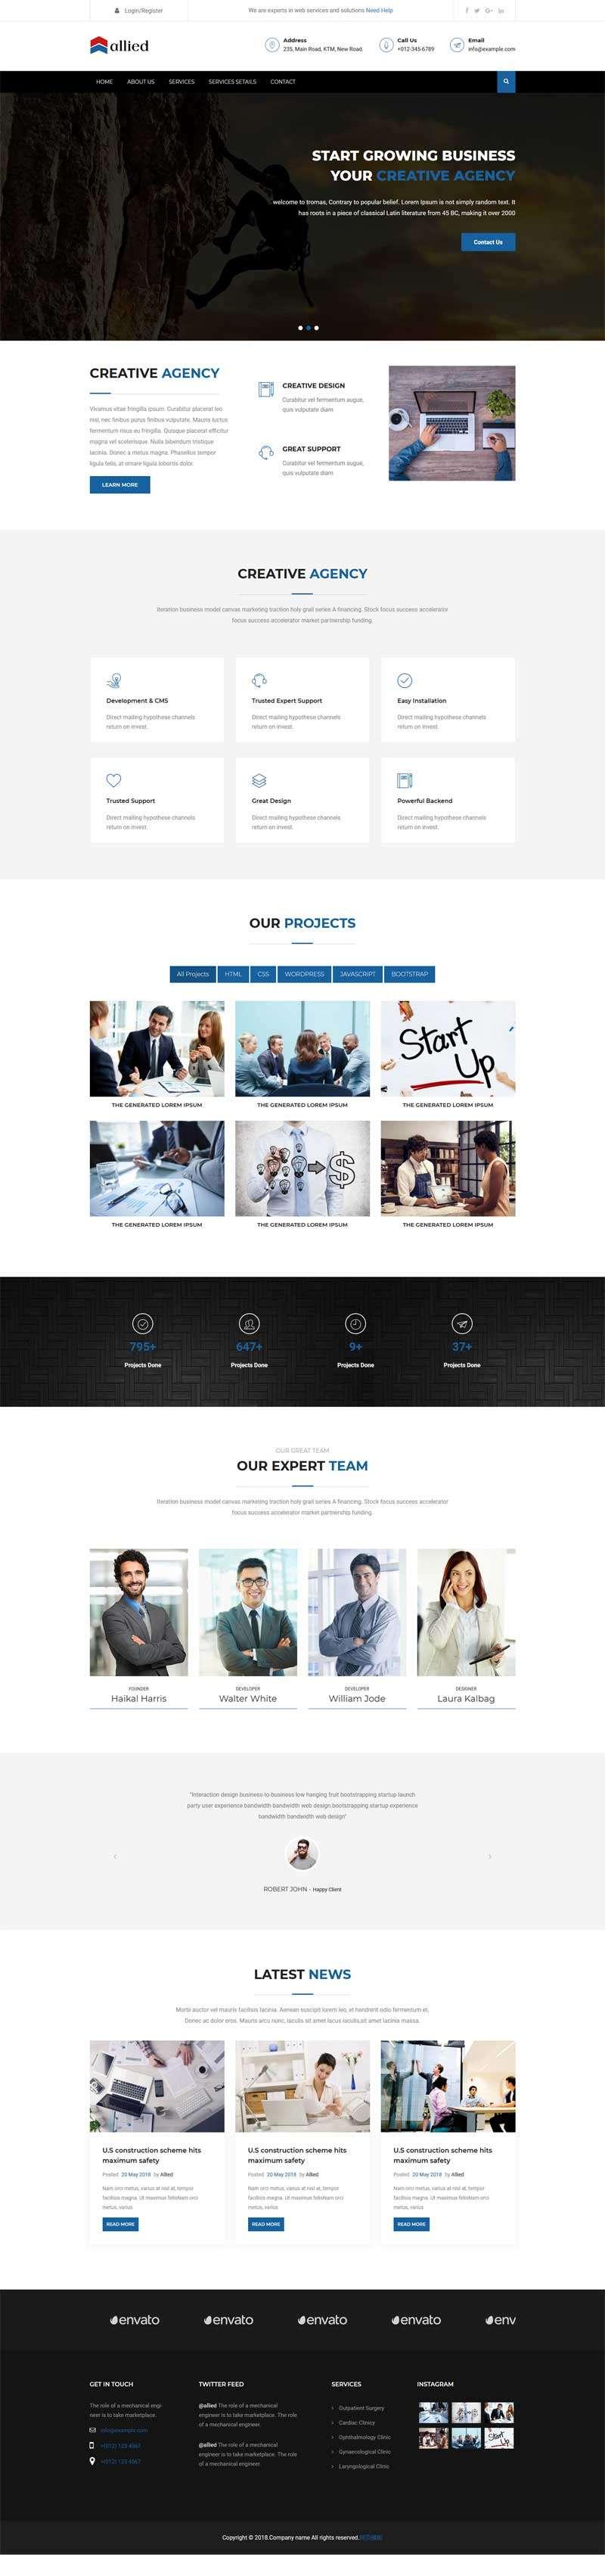 黑色响应式的商务金融咨询网站模板